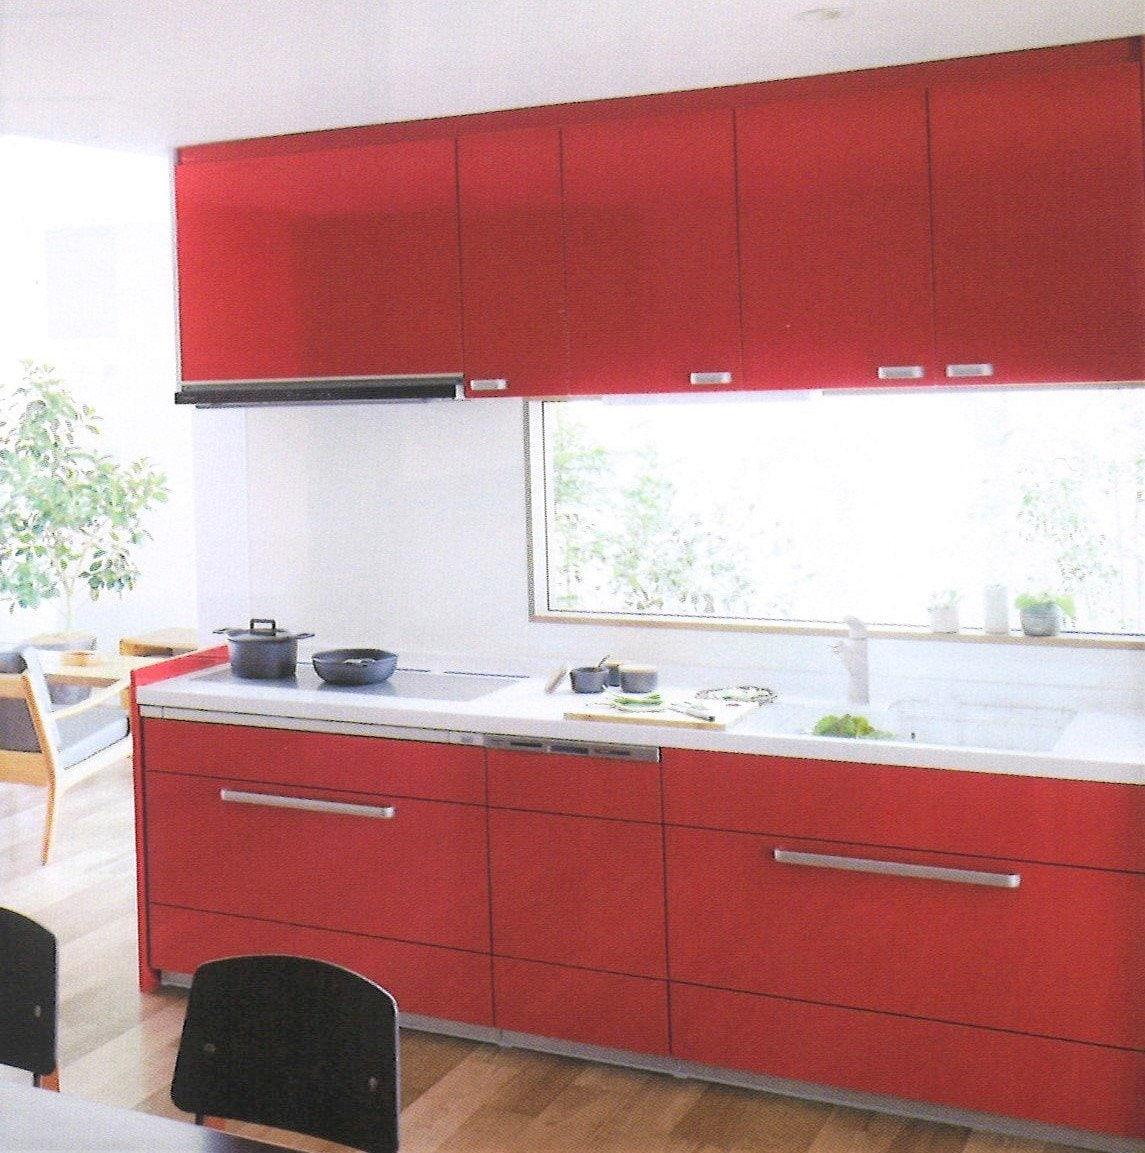 Panasonic システムキッチン 吊戸棚で使い勝手をアップした壁付けキッチンのリフォーム商品プラン 鮫島工業施工のイメージその1